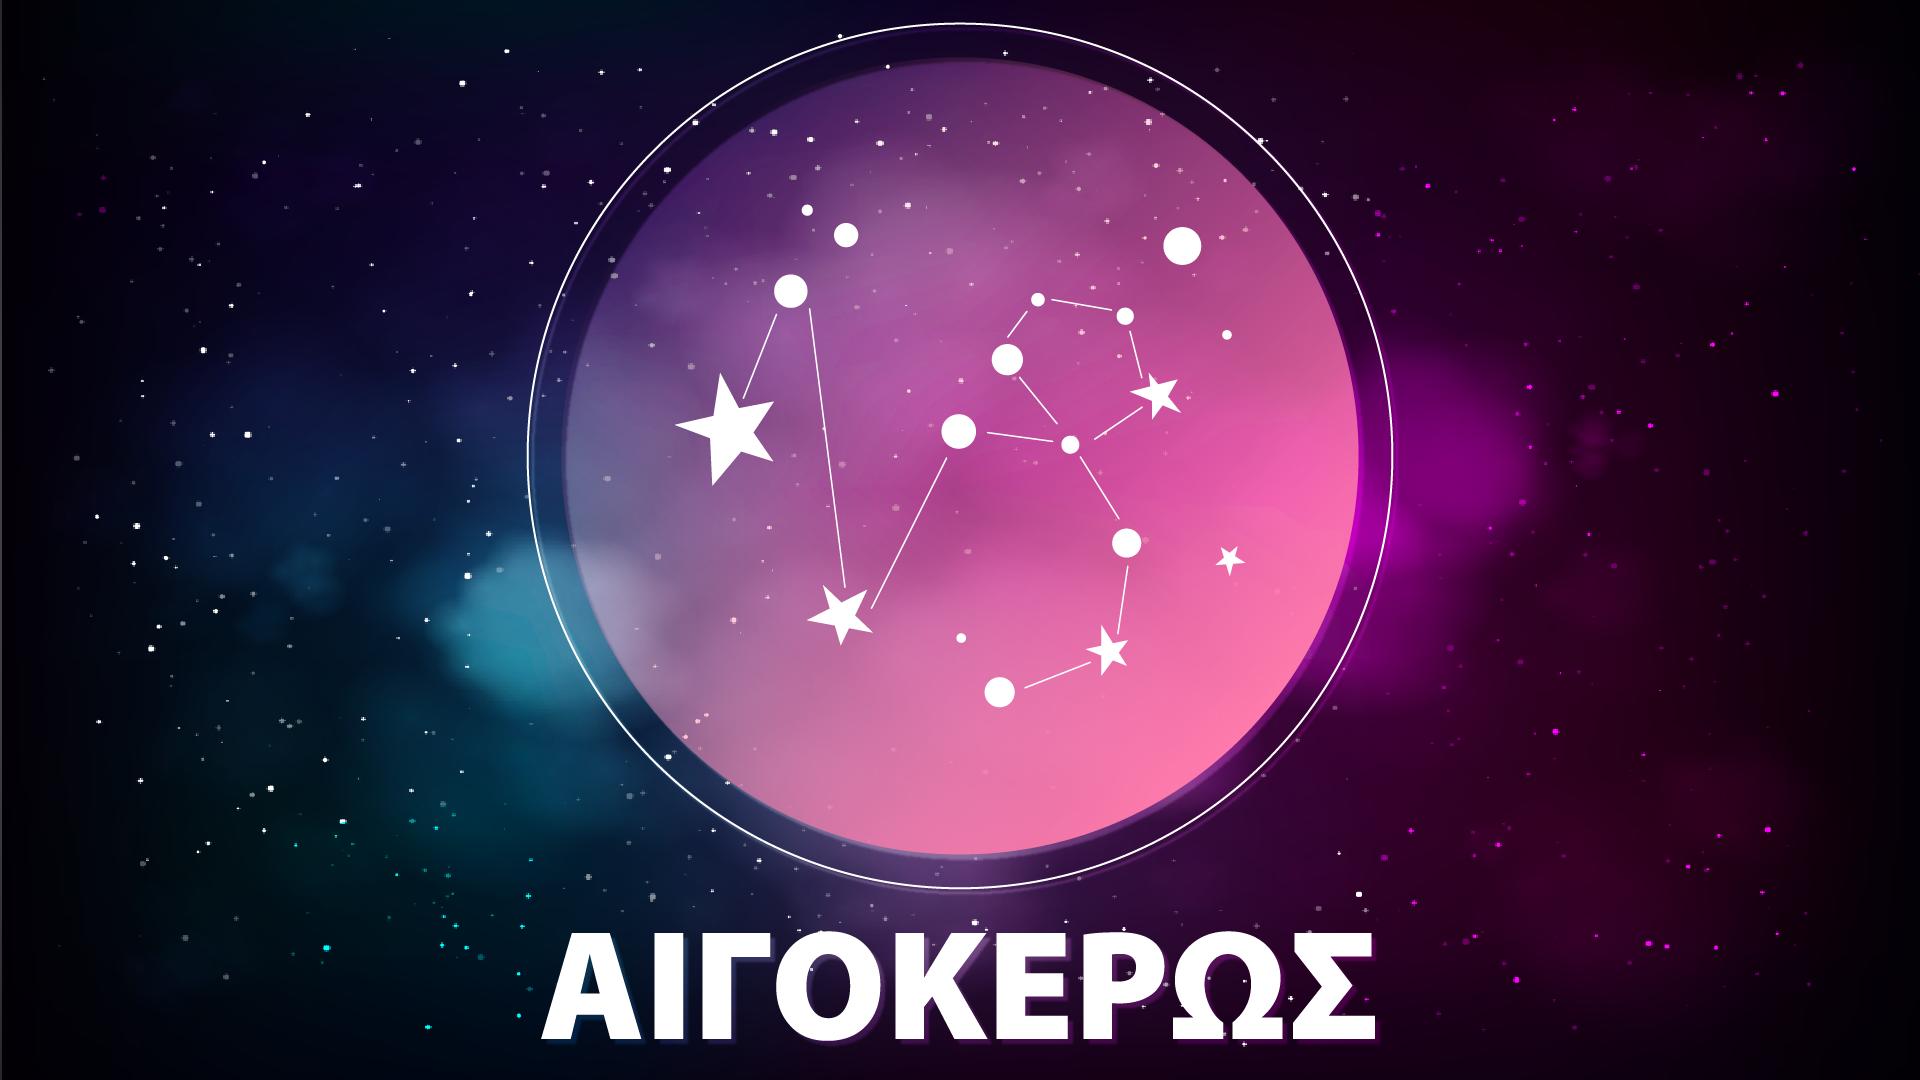 Αιγόκερως – Εβδομαδιαίες αστρολογικές προβλέψεις από 15/7 έως και 21/7/2019